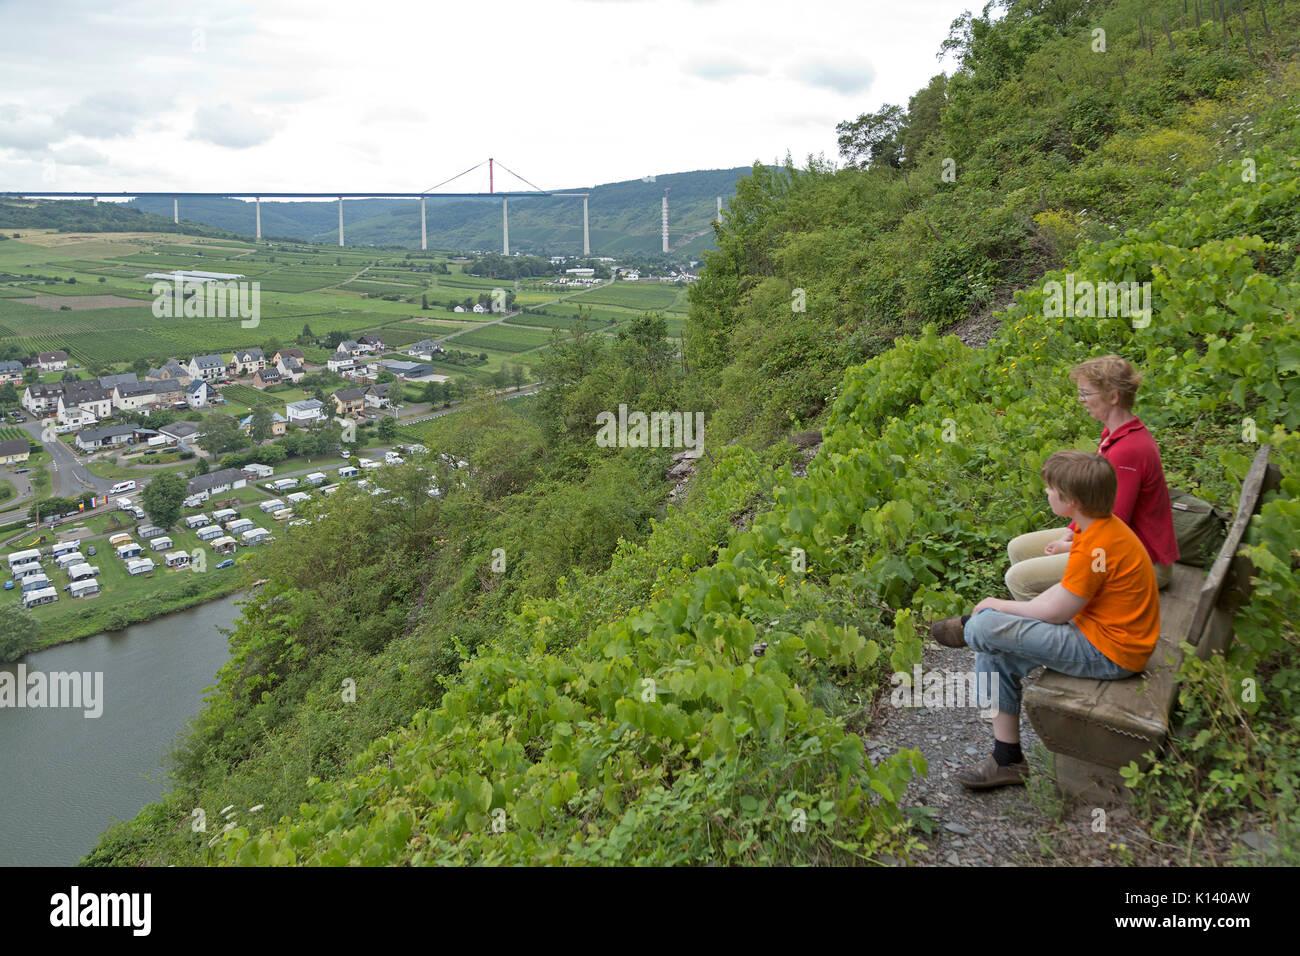 Klettersteig Pfalz : Klettersteige kletterparks hochseilgärten in rheinland pfalz